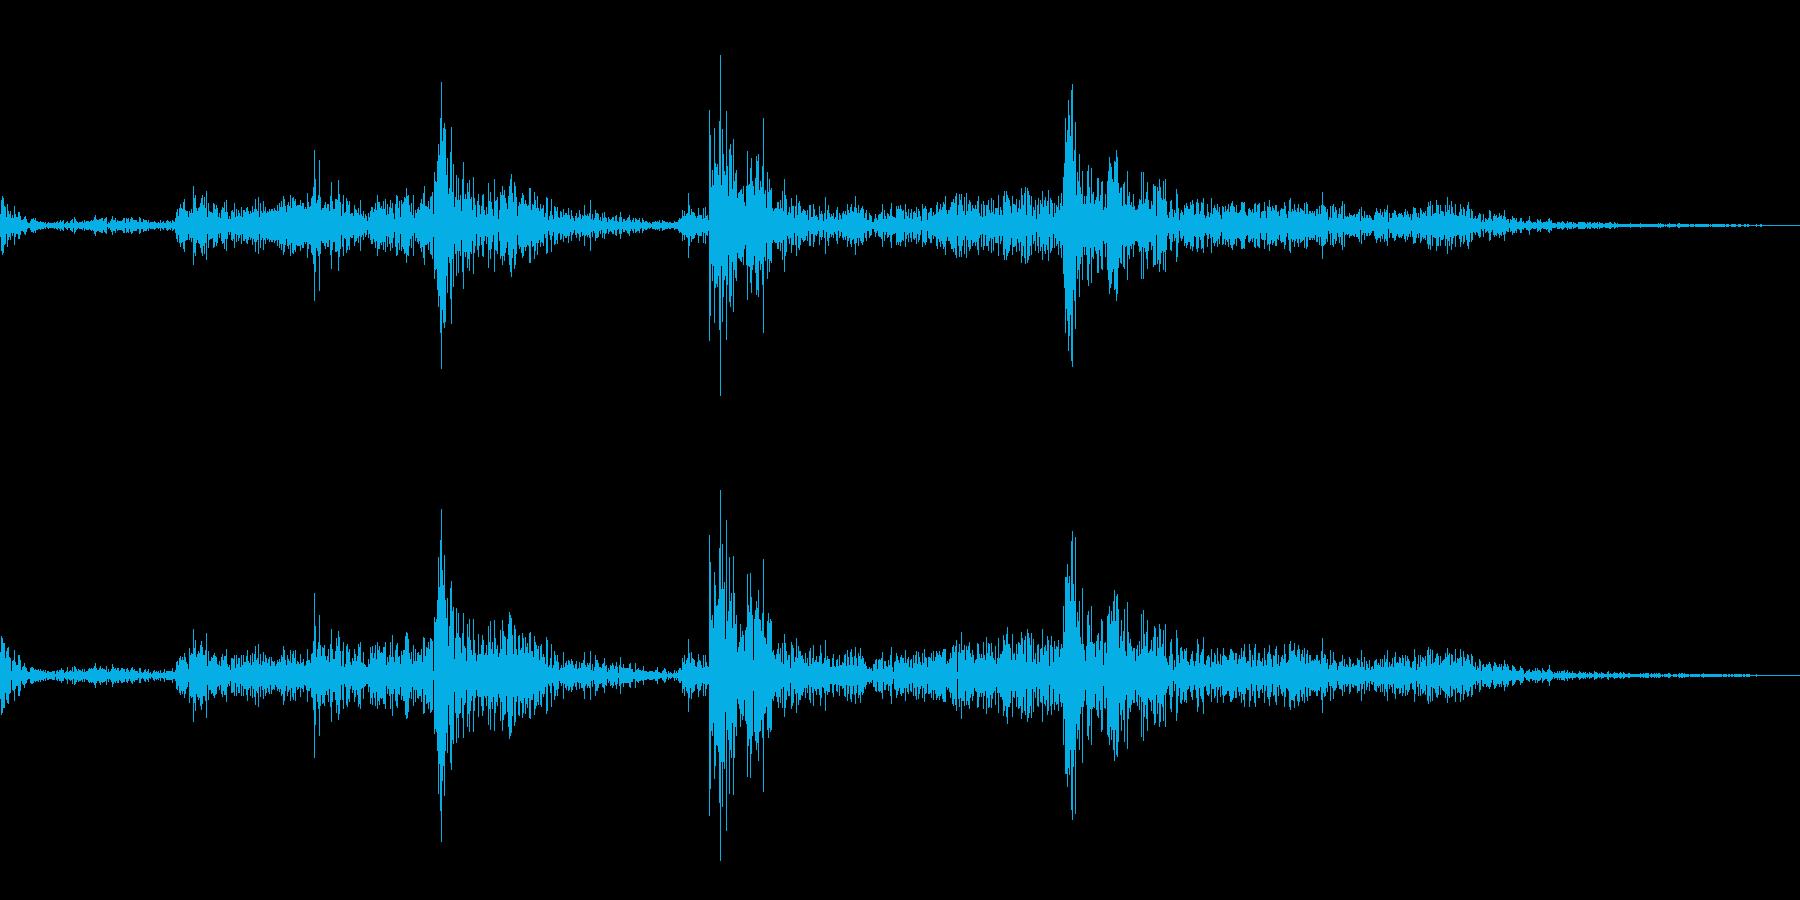 一眼レフのシャッター音の再生済みの波形